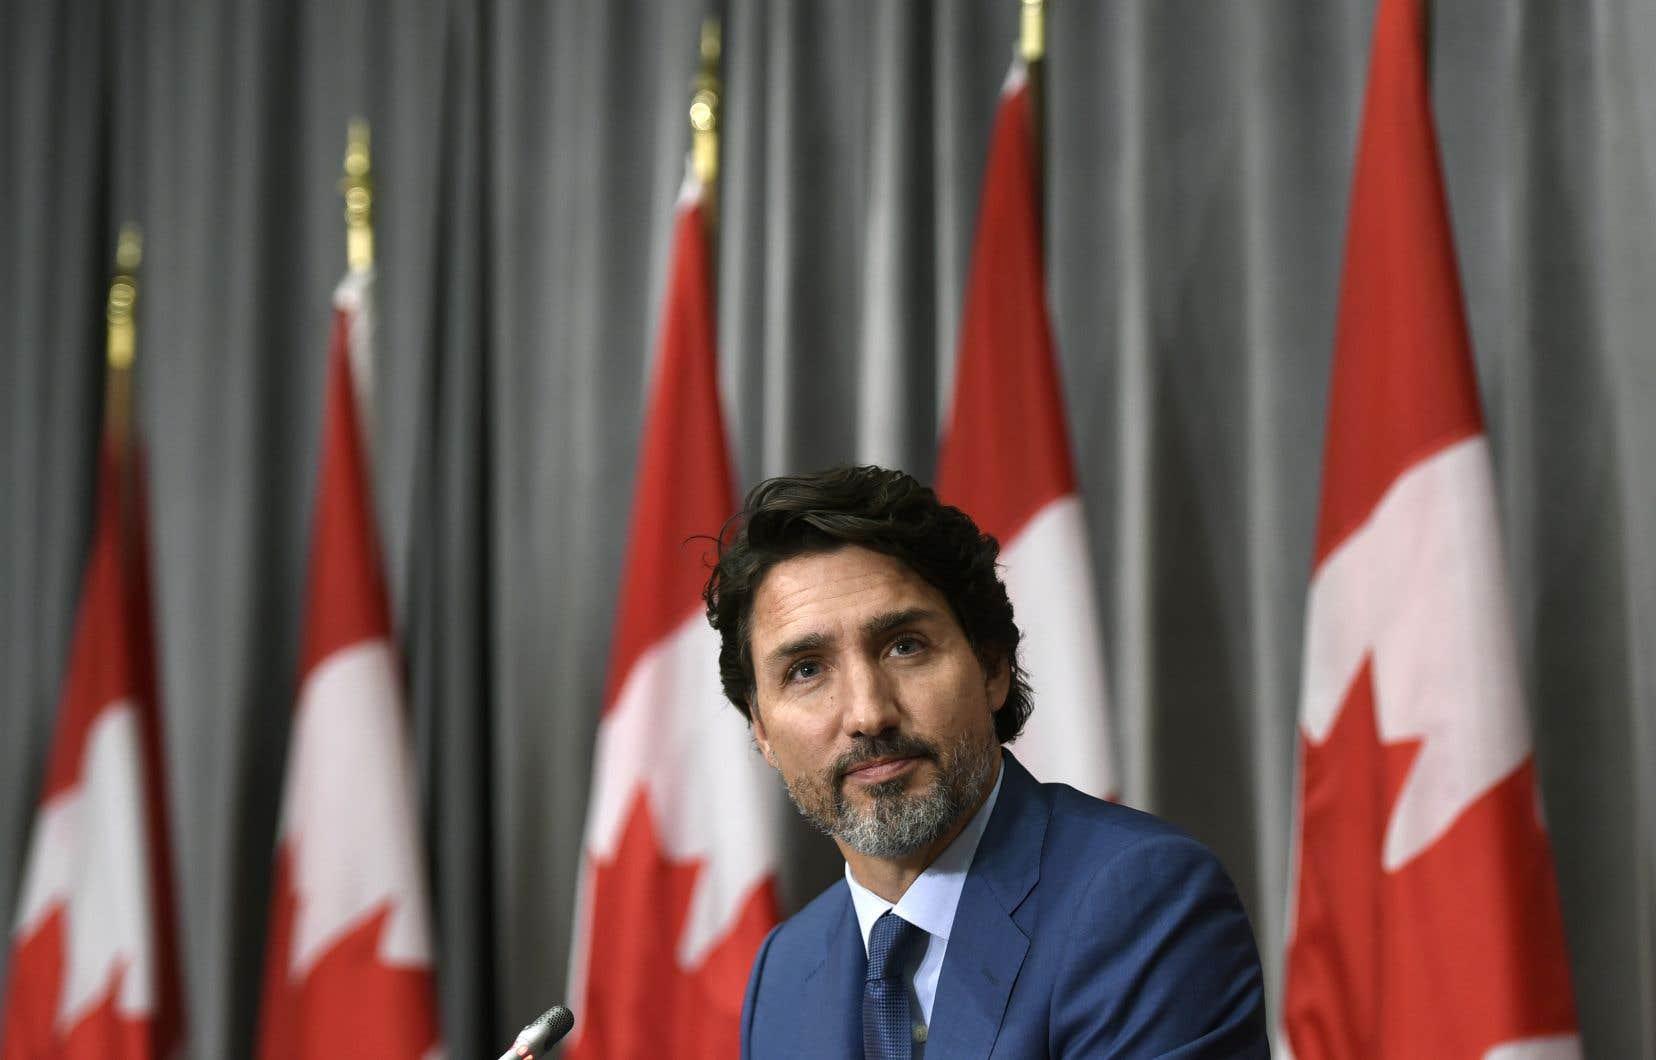 JustinTrudeau a indiqué que cette somme serait partagée entre des partenaires de confiance qui combattent la COVID-19 dans le monde.